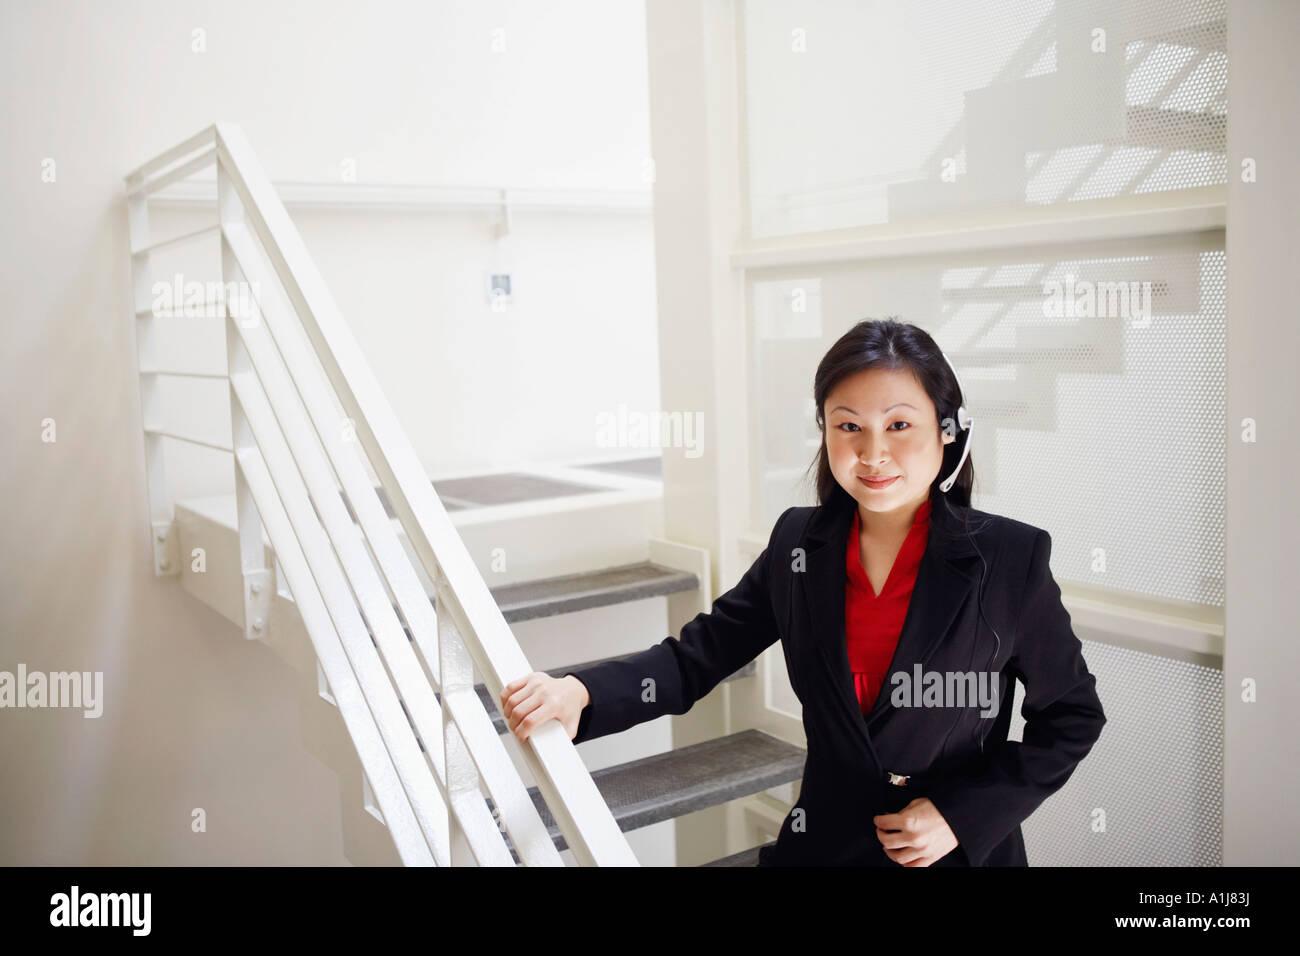 Porträt von einem weiblichen Kundendienstmitarbeiter einen Kopfhörer tragen und lächelnd Stockfoto